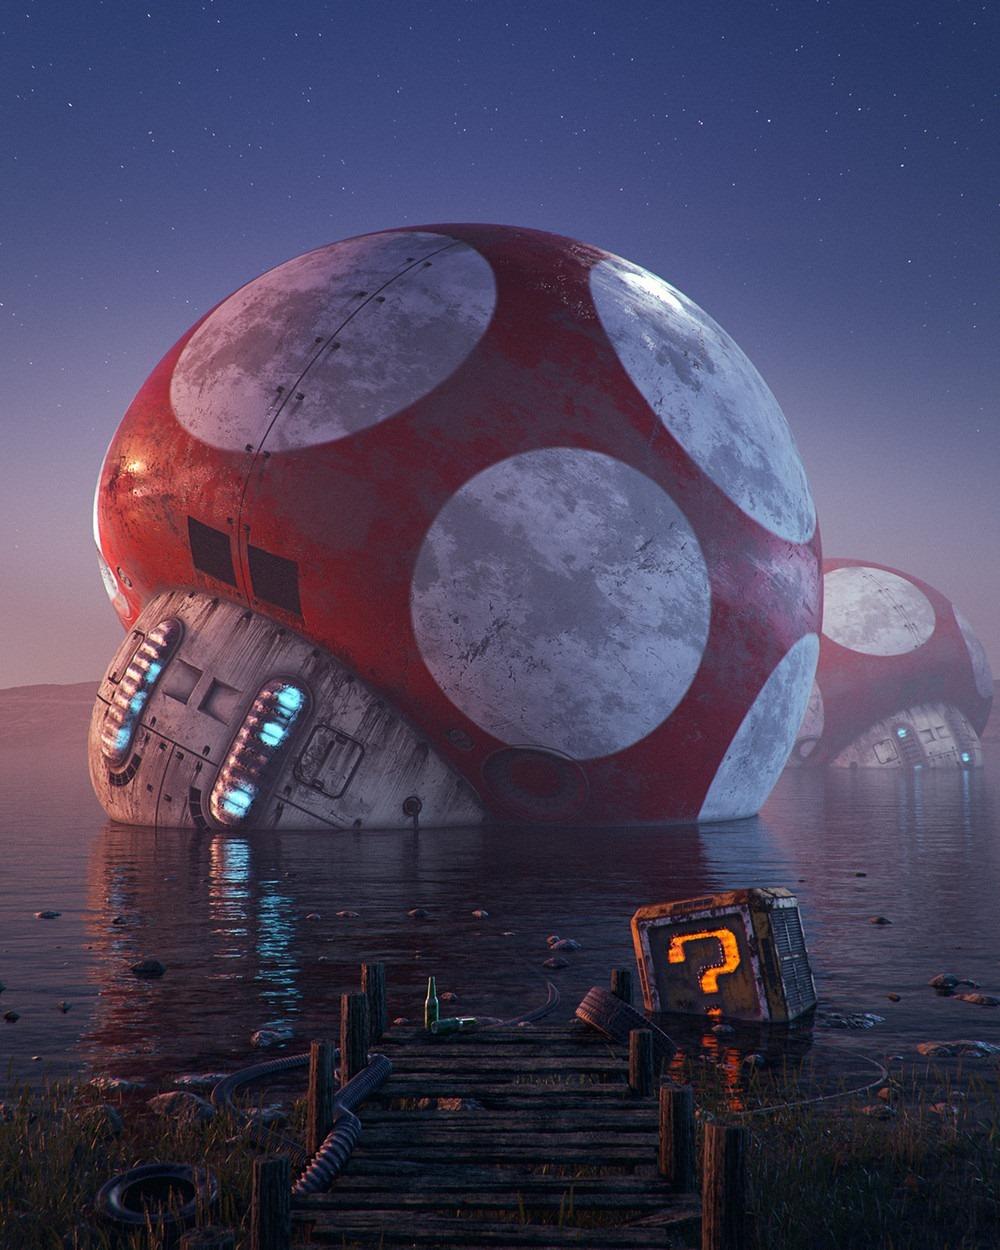 Mushroom Super Mario Bros. Pop Culture Dystopia Filip Hodas